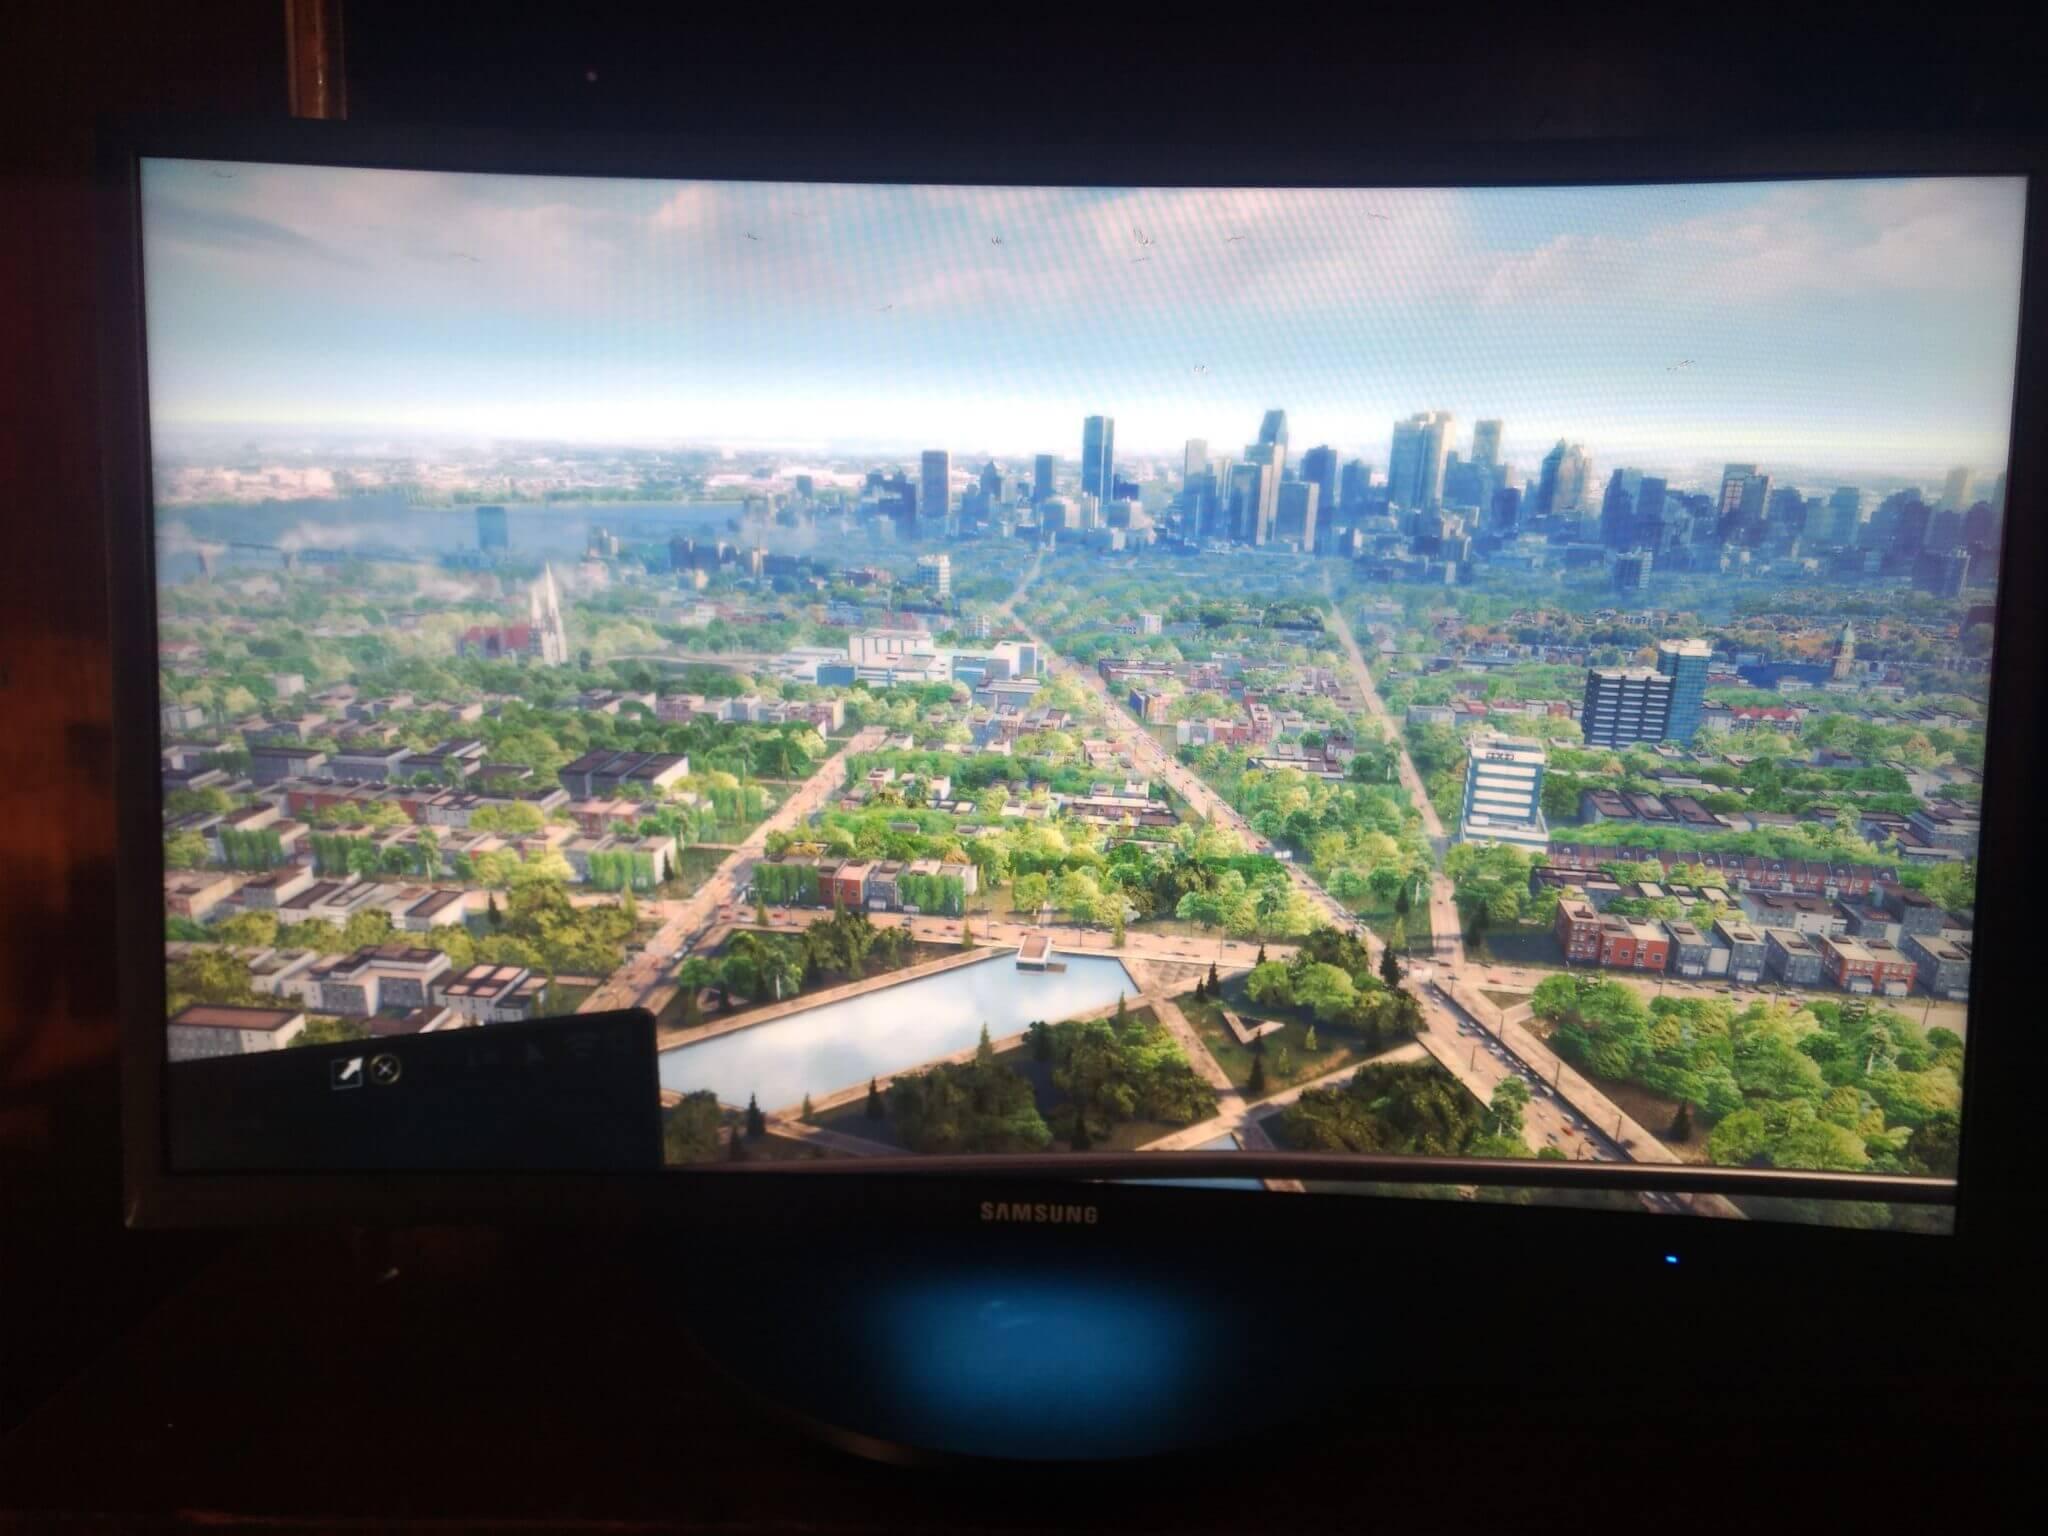 IMG 20180531 162637062 - Review: monitor gamer Samsung C24FG70 possibilita imersão que todo jogador sonha